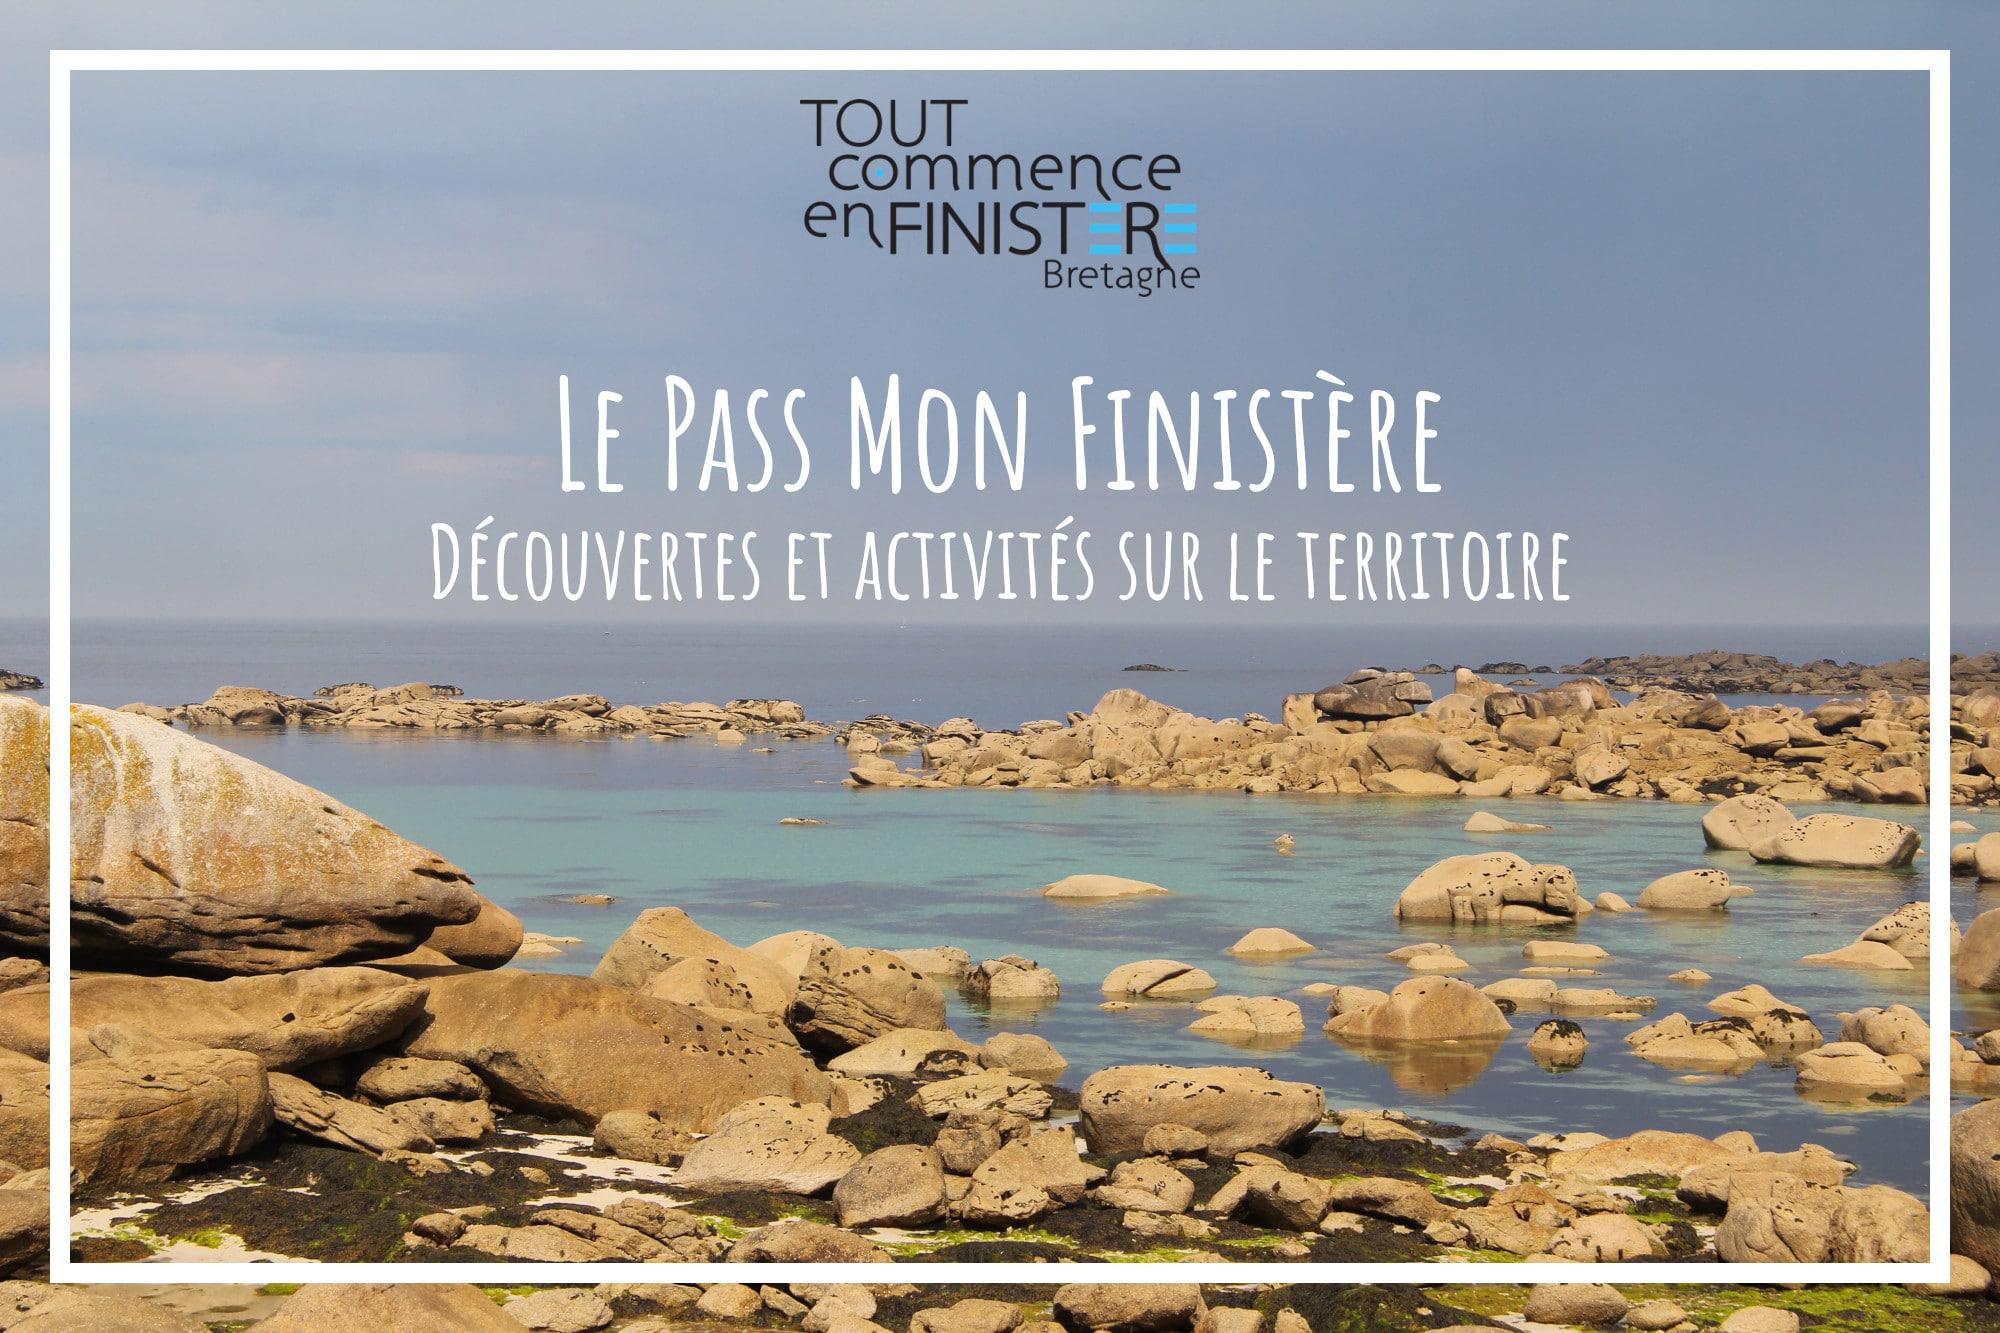 Idées d'activités avec le pass Mon Finistère